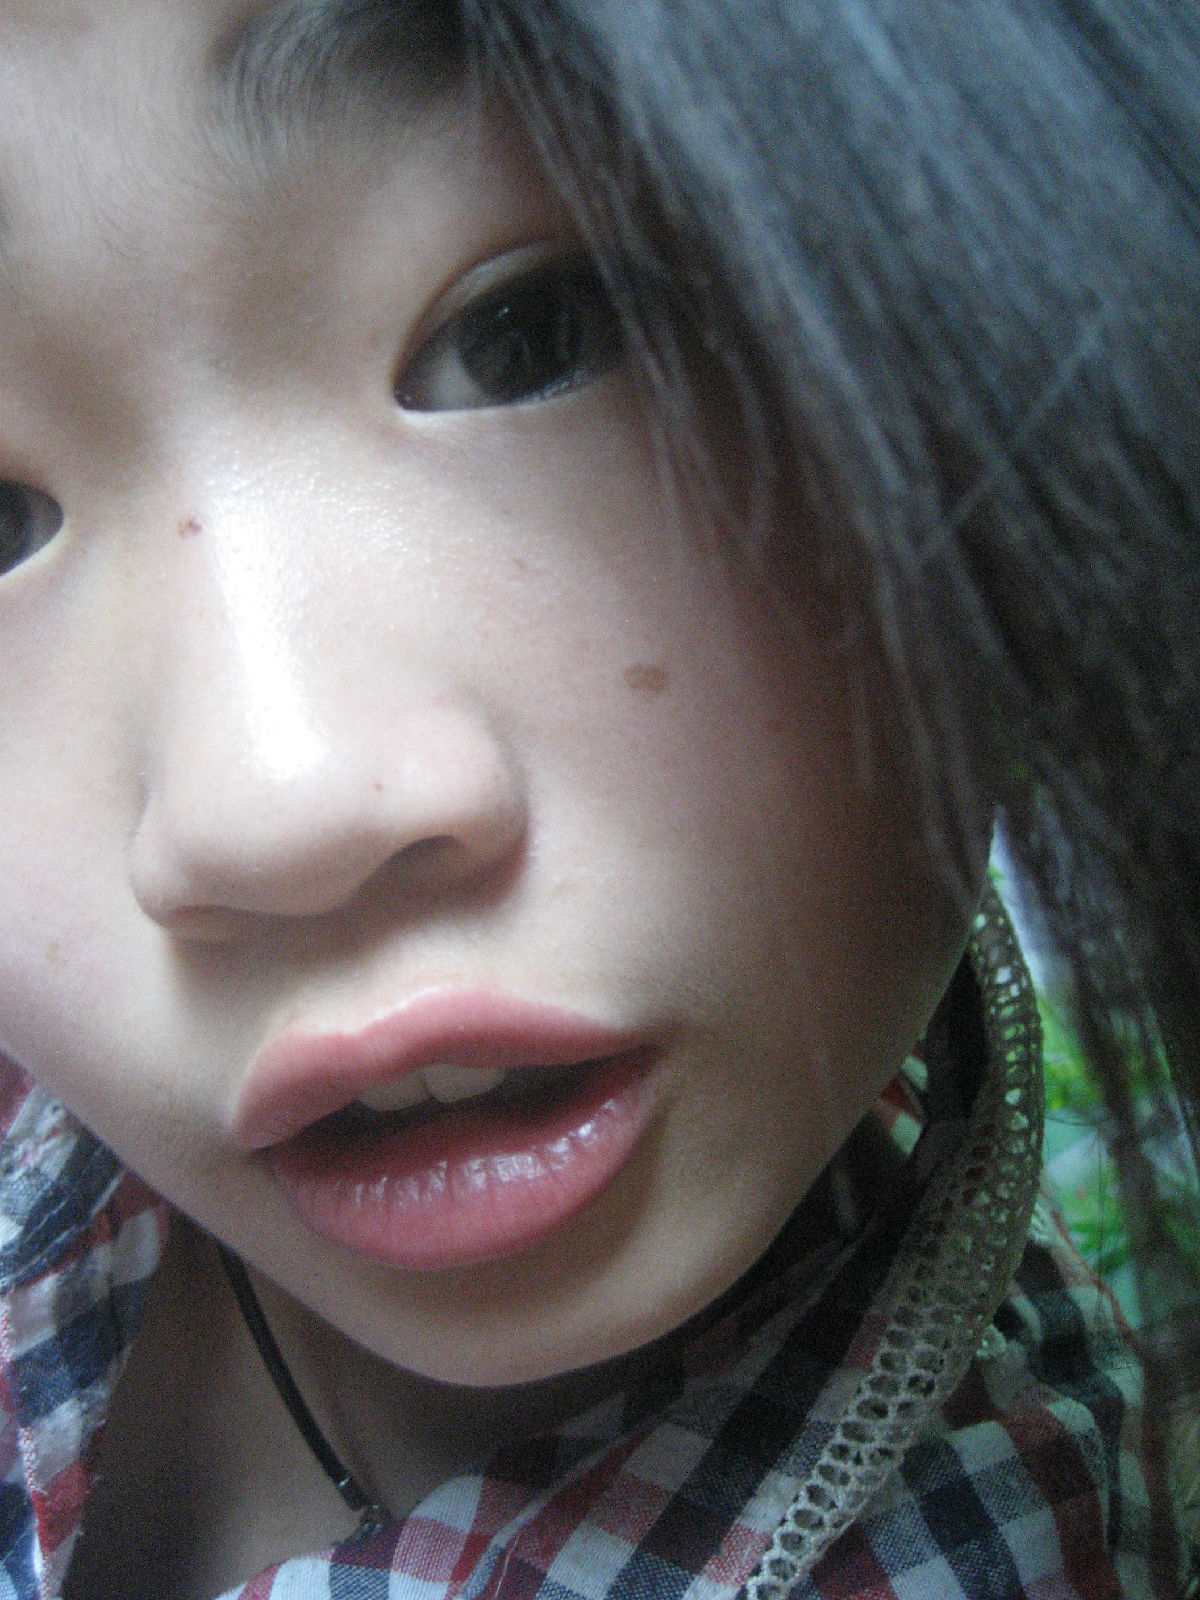 非主流可爱女生照片